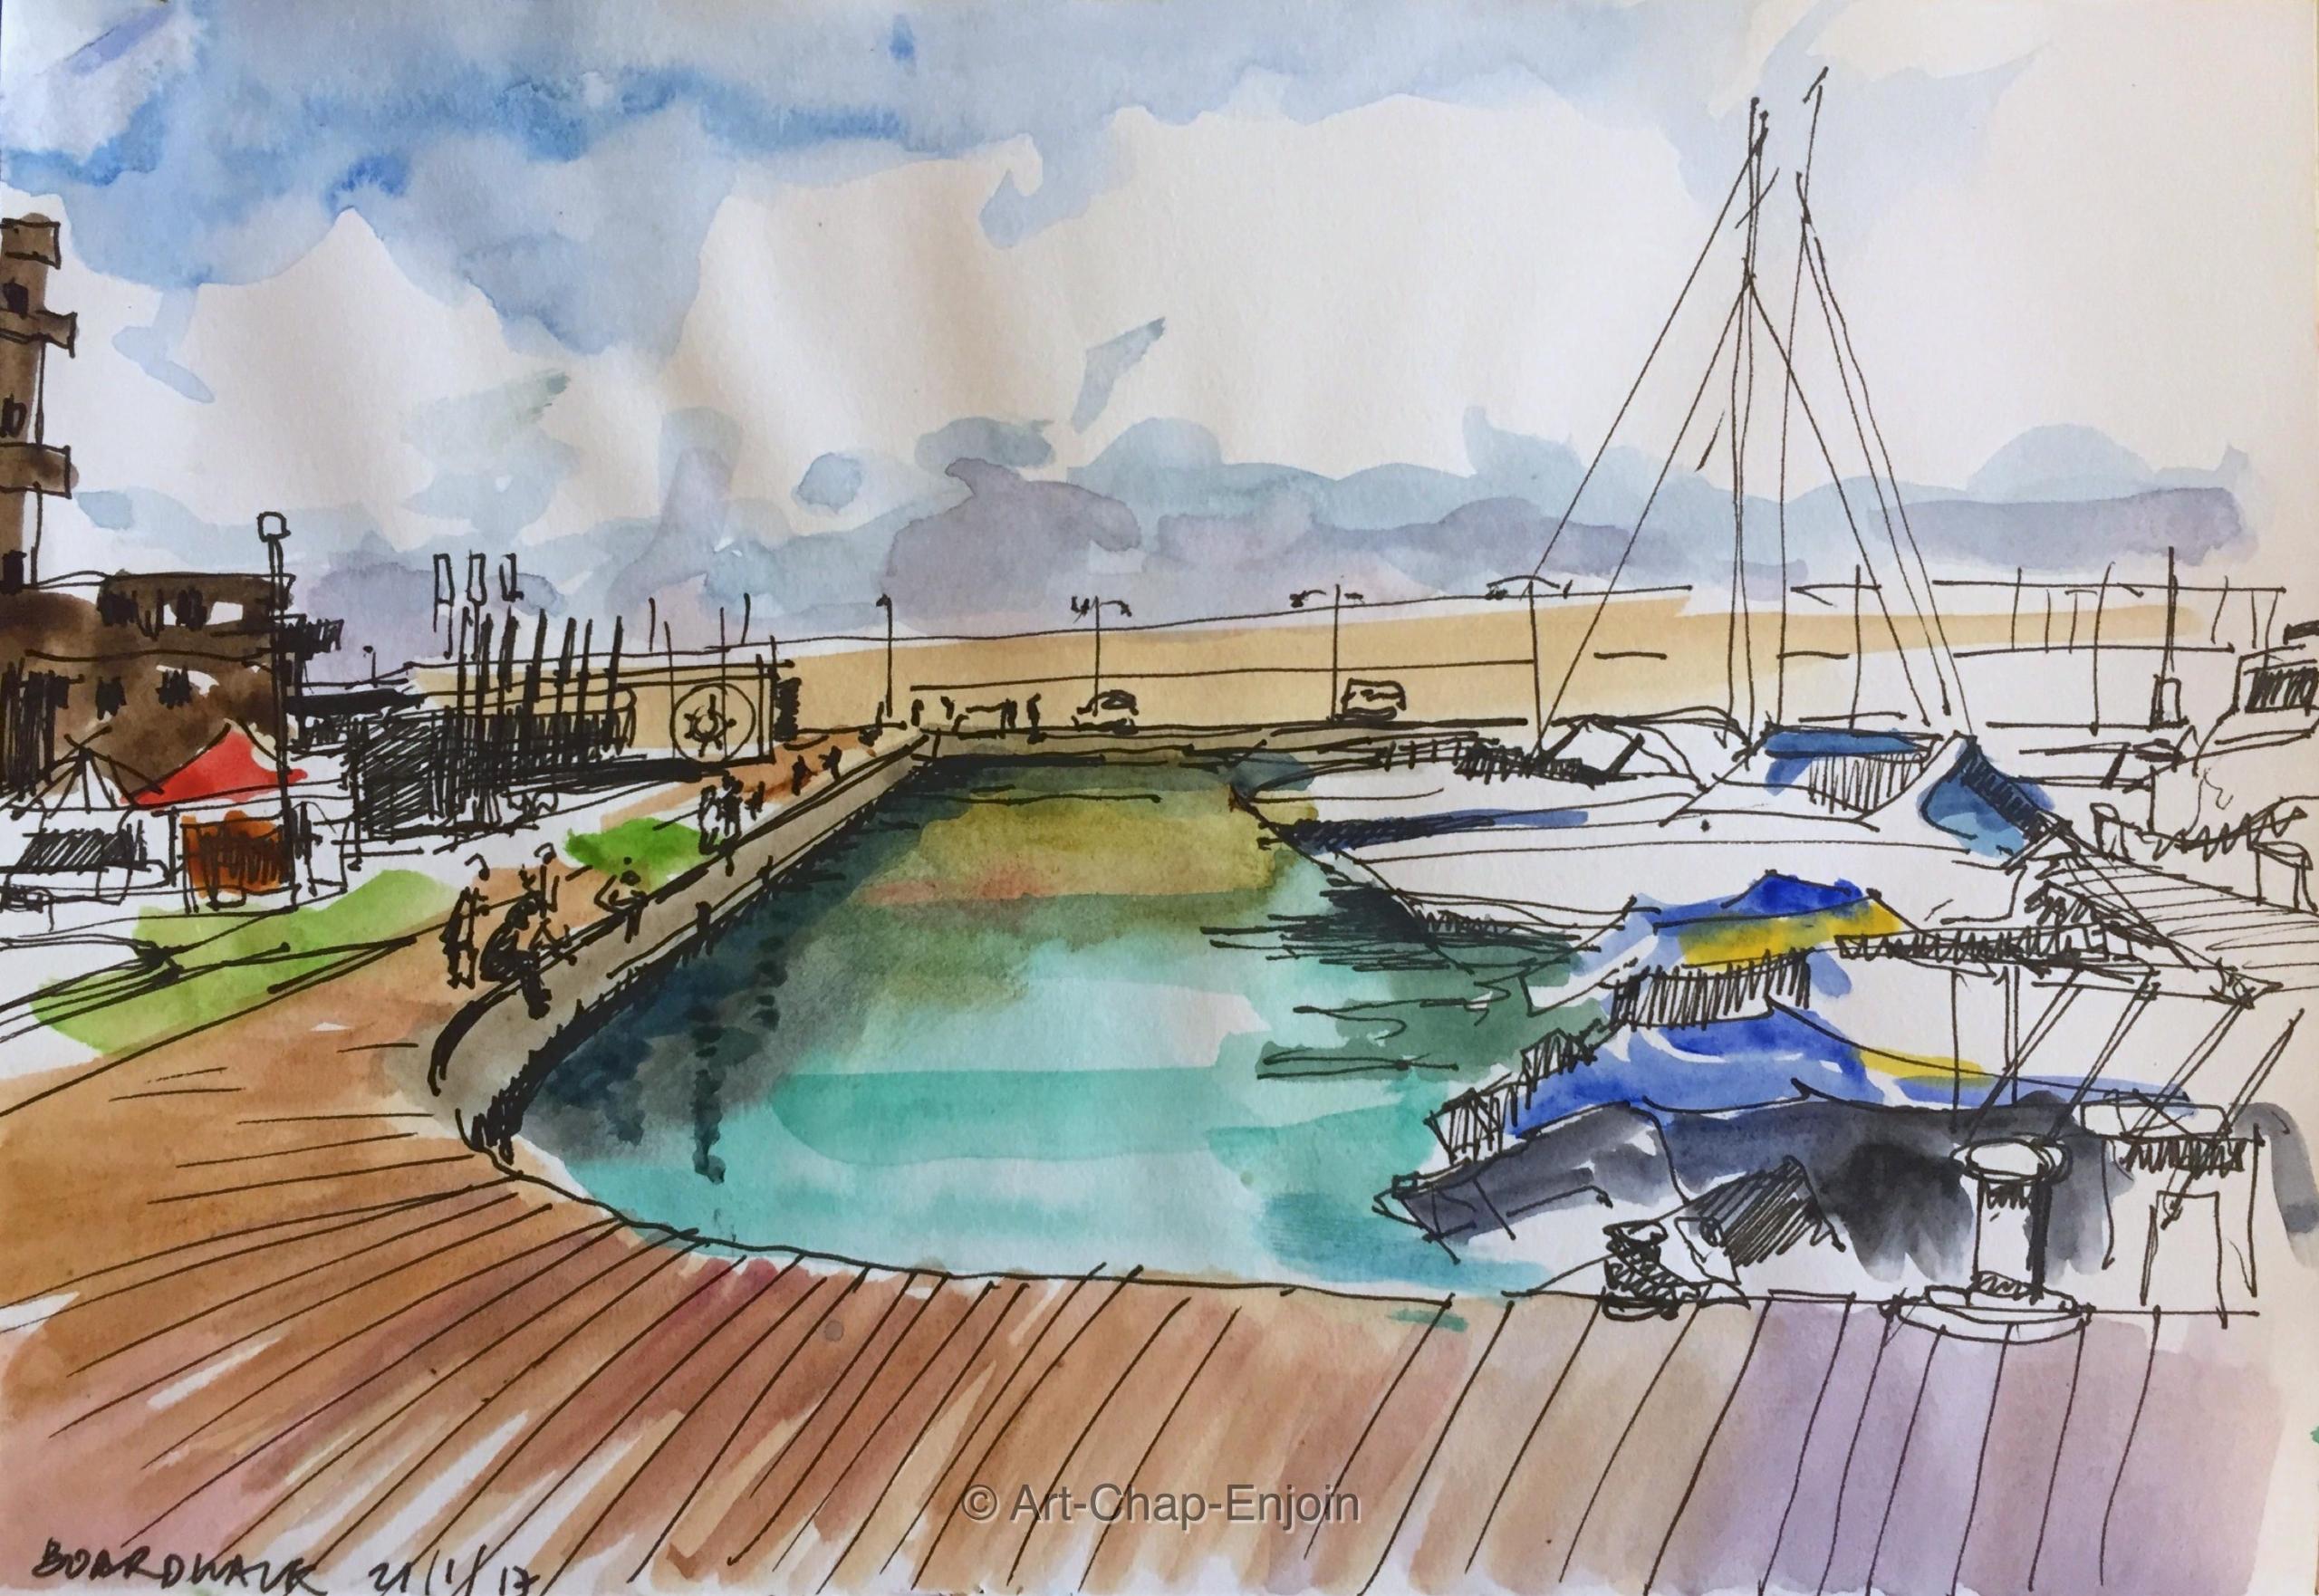 291 - Boardwalk Here watercolou - artchapenjoin   ello